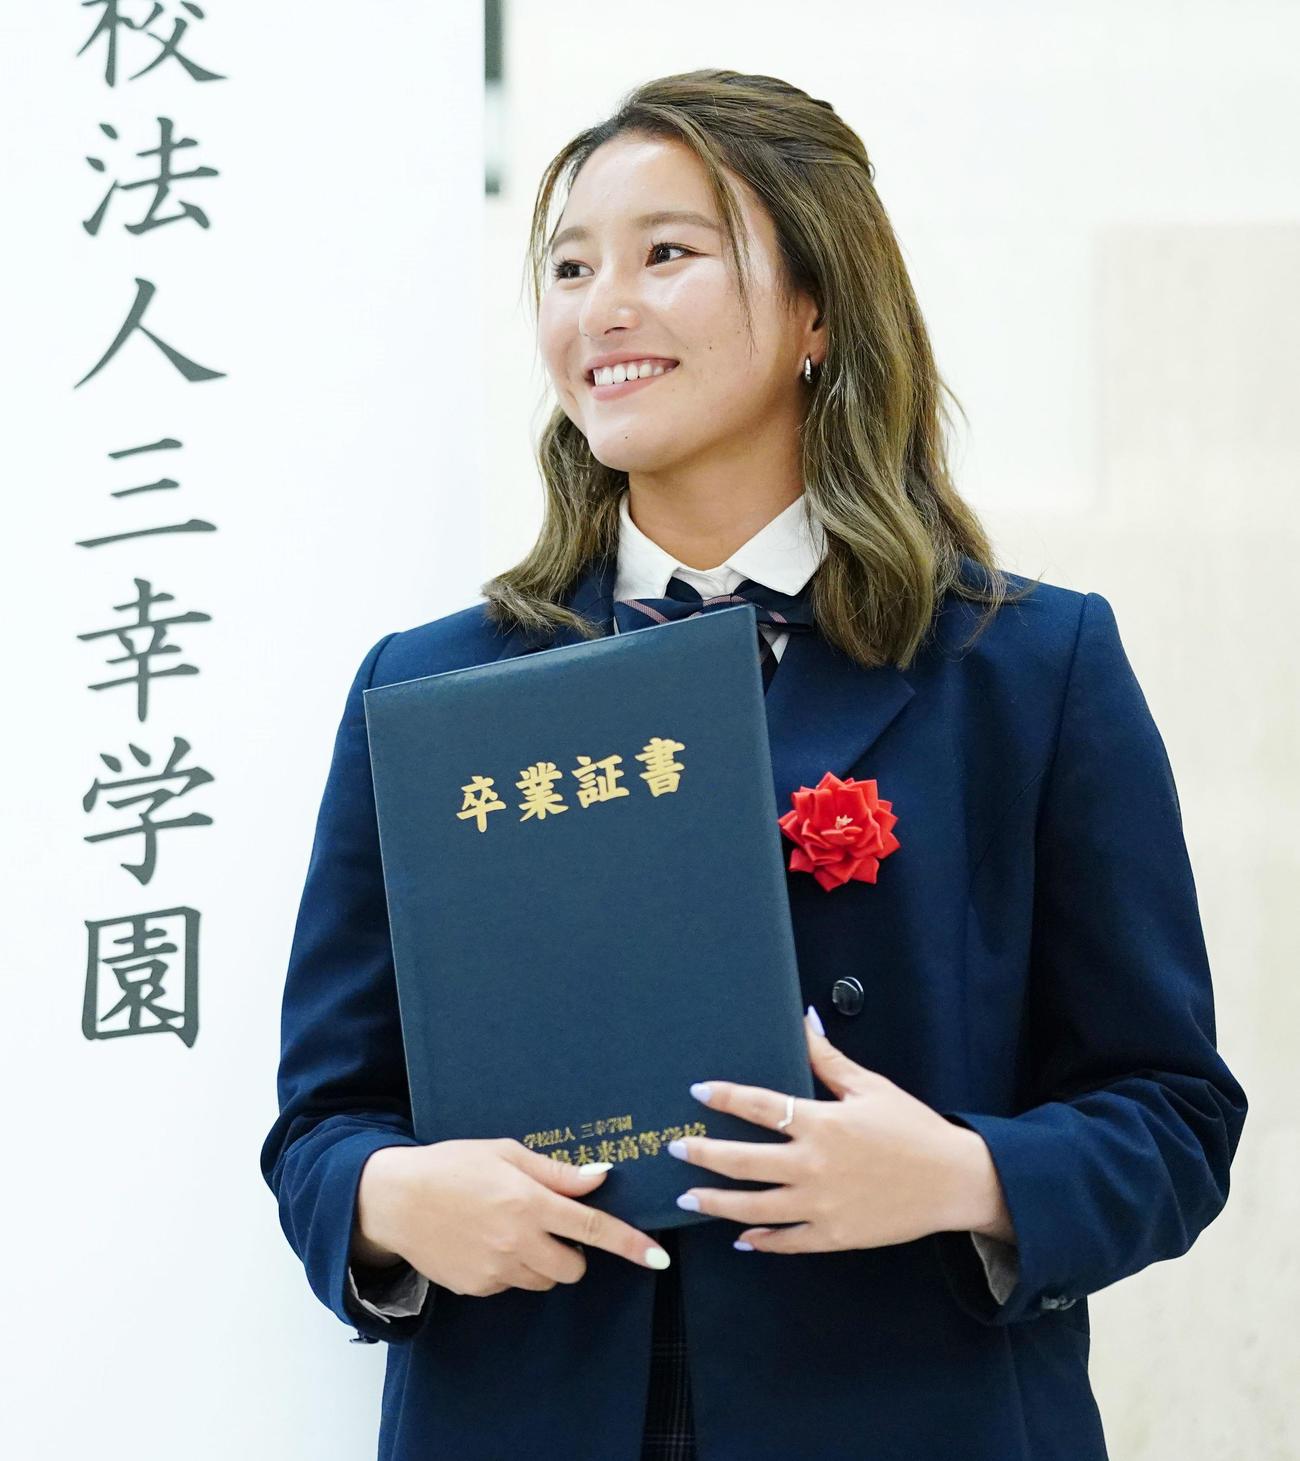 卒業証書を手に笑顔の松田(代表撮影)